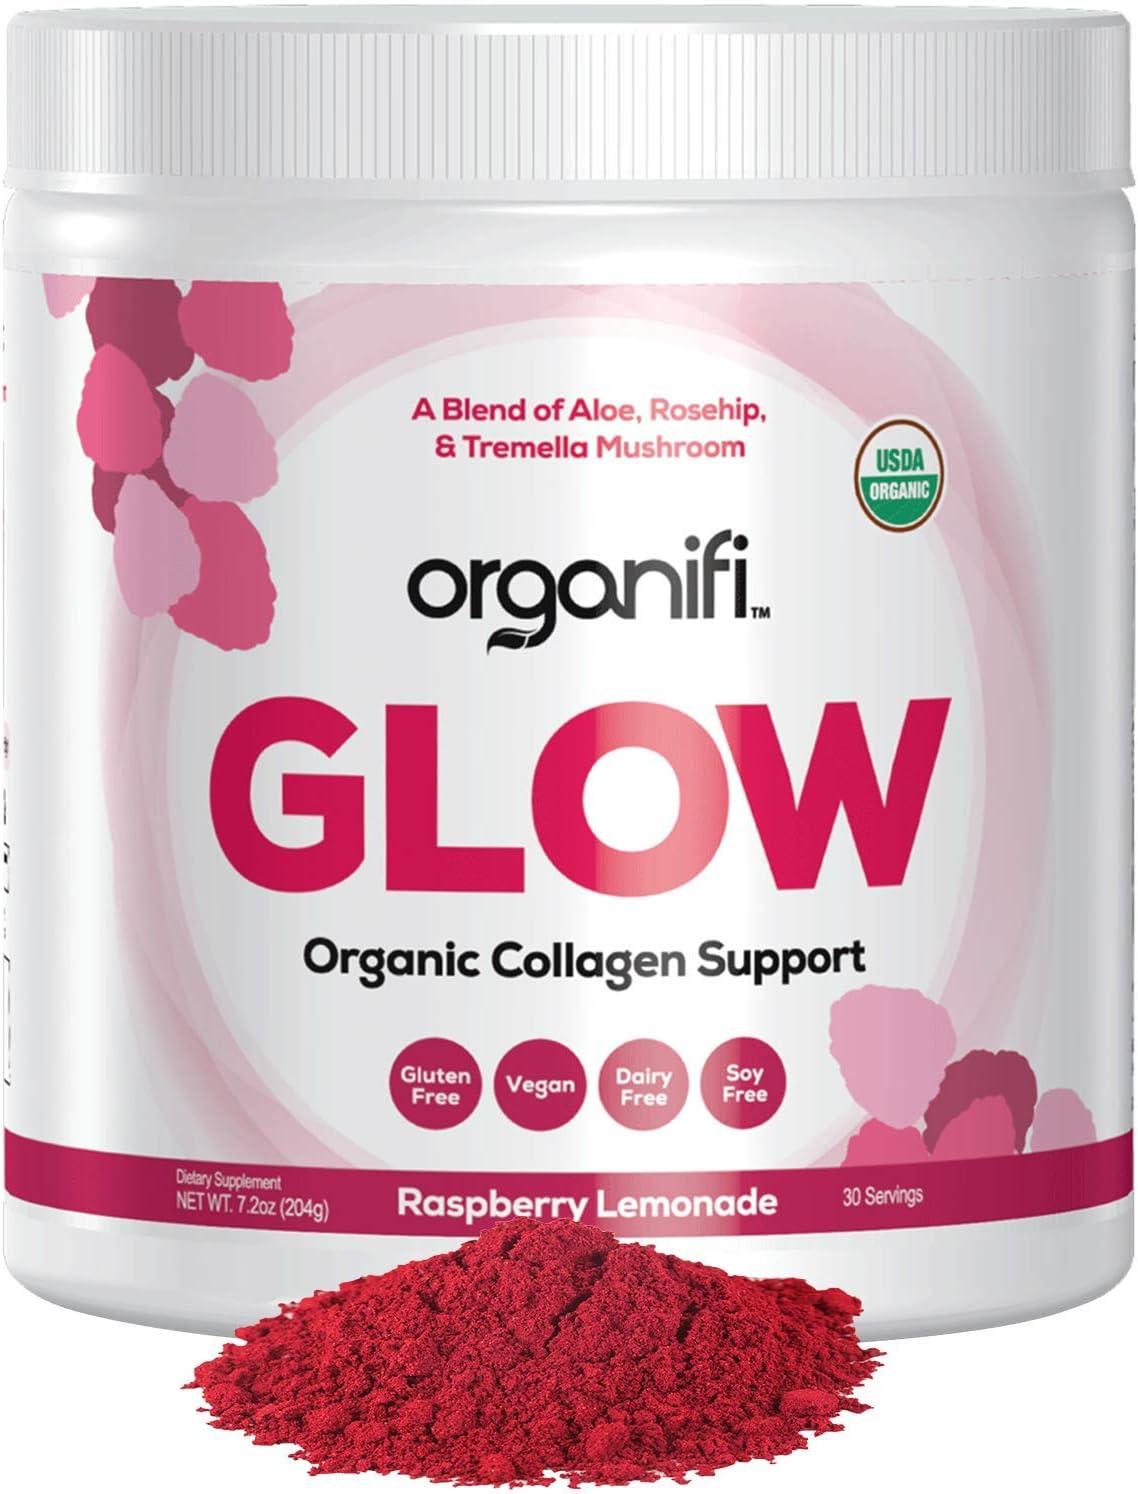 Organifi Glow - Organic Collagen Superfood Powder